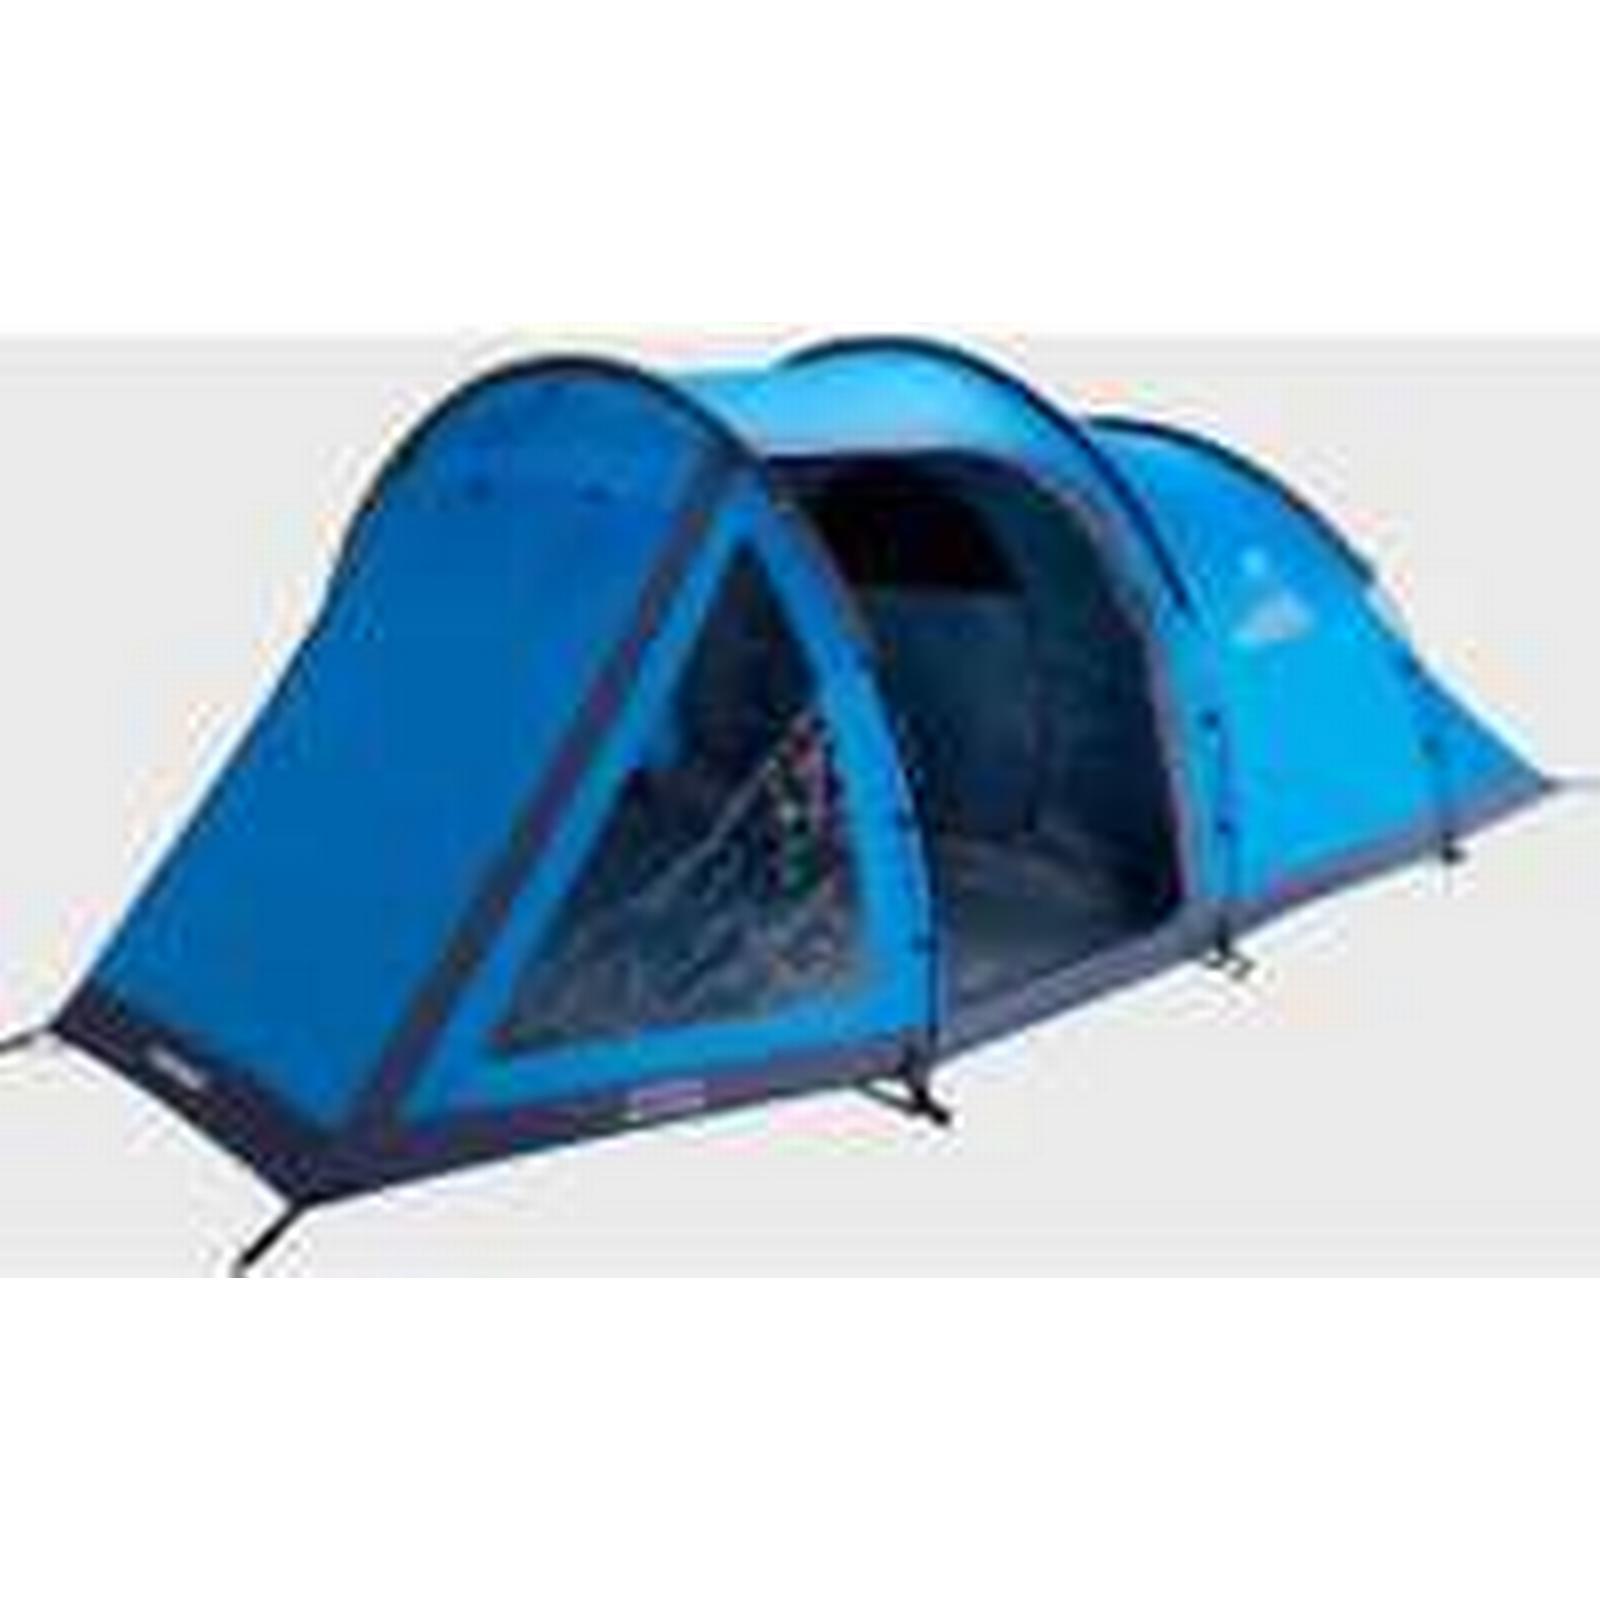 Vango Person Beta 350XL 3 Person Vango Tent - Blue, Blue dcd98e